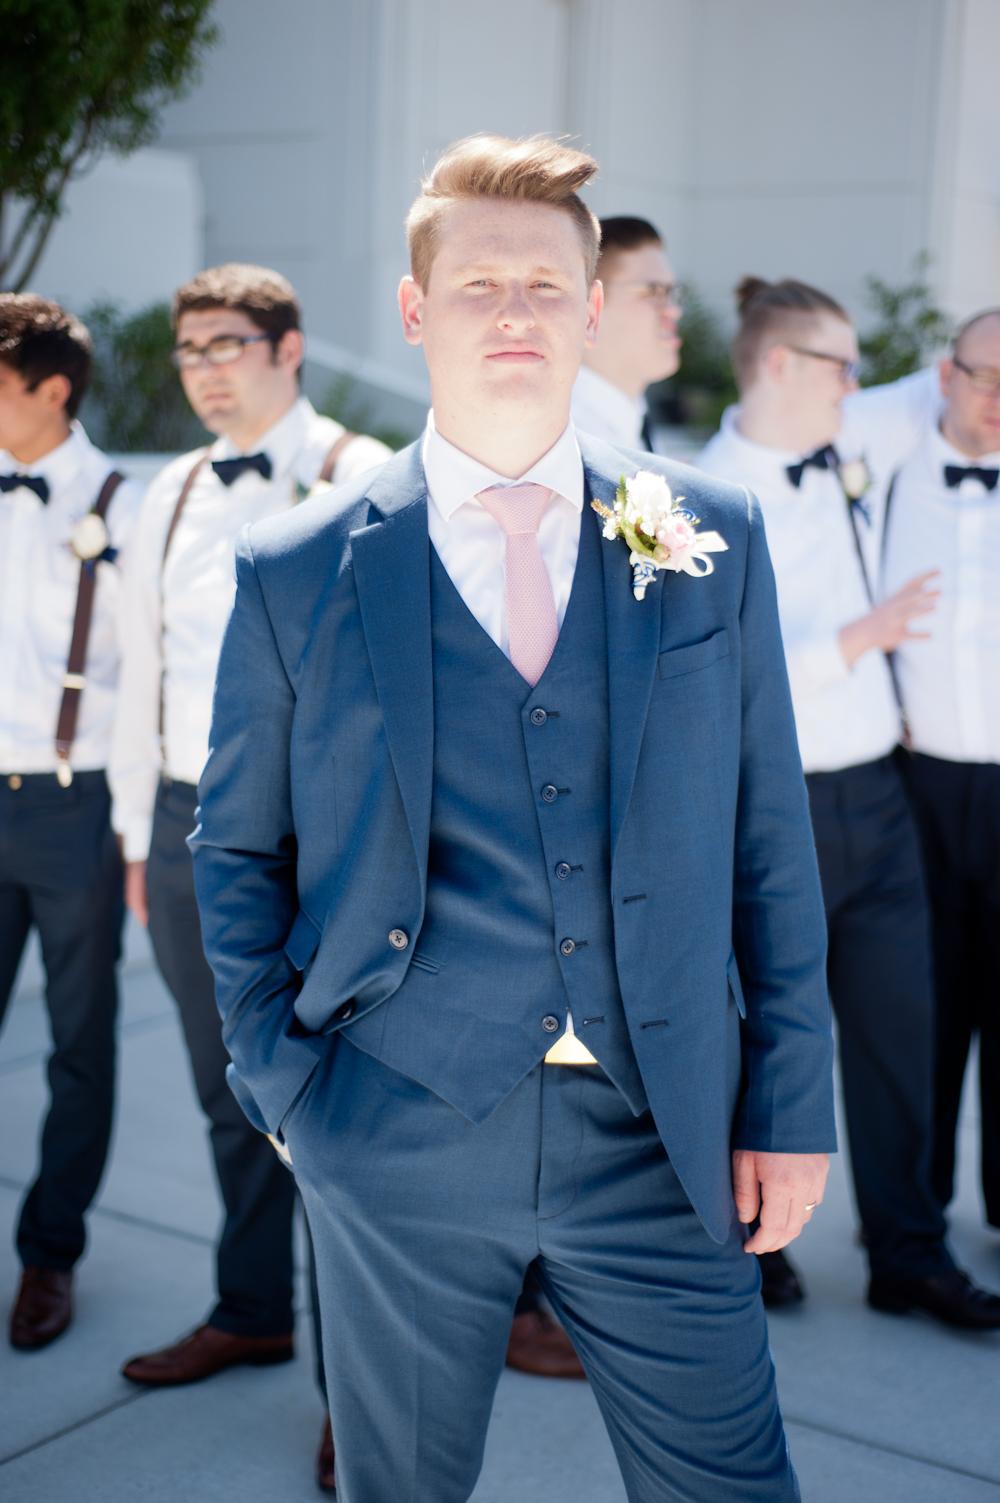 cool Groom in front of his groomsmen